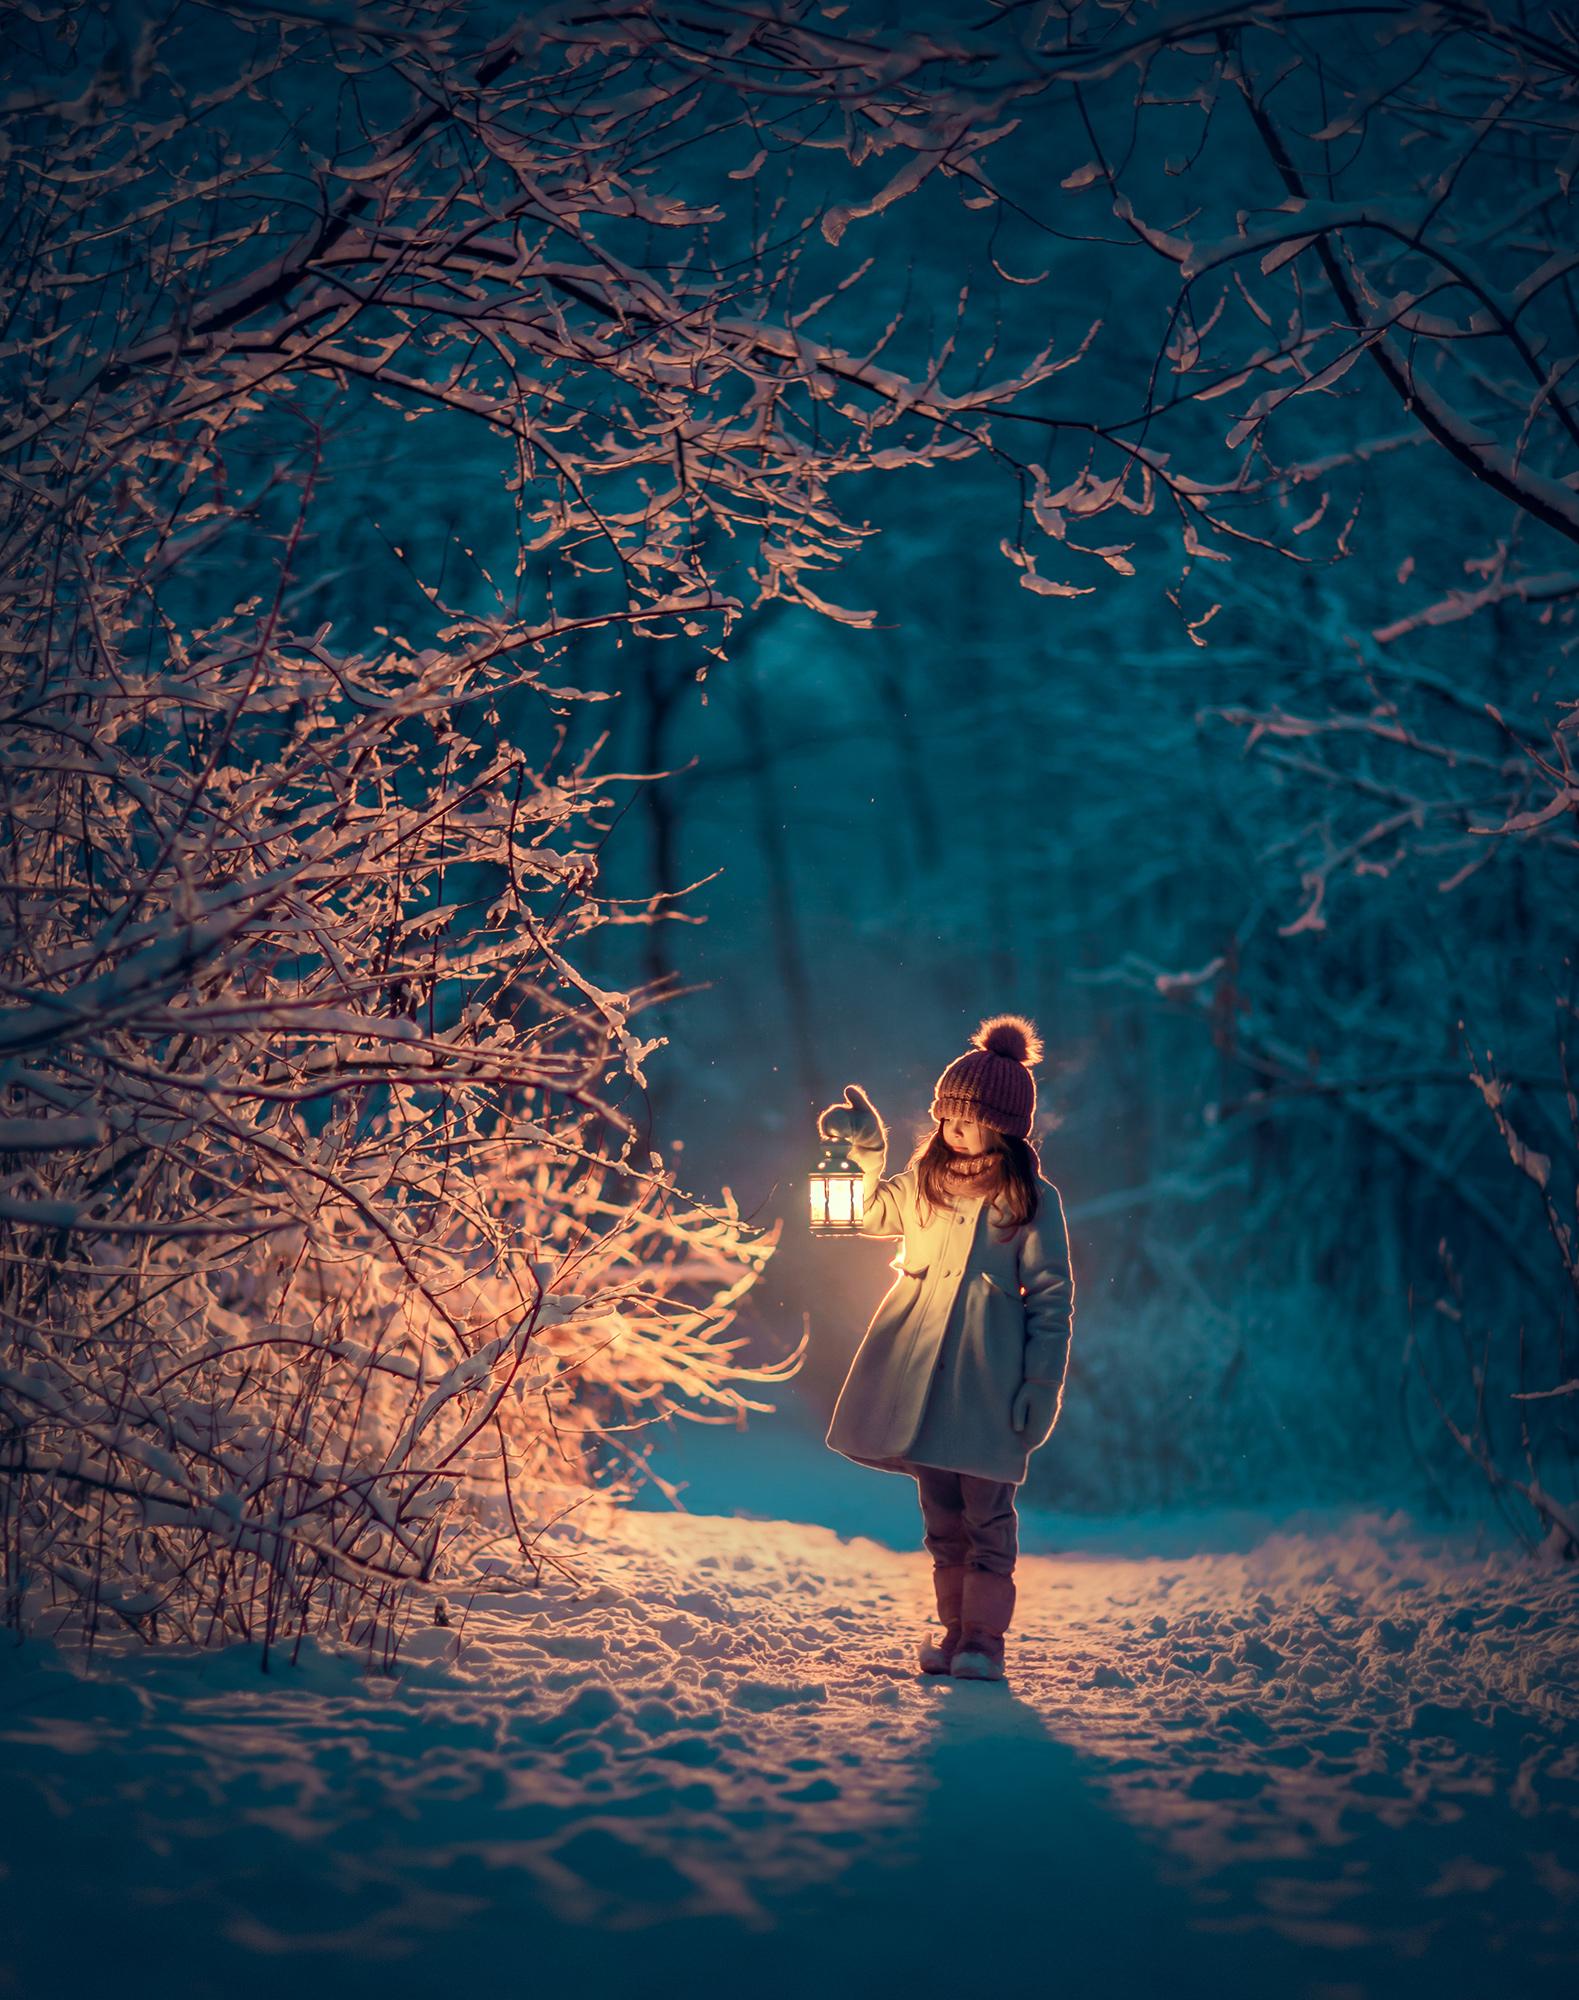 зимняя фотосессия в москве, зимняя фотосессия, волшебная фотосессия, фотосессия на природе зимой